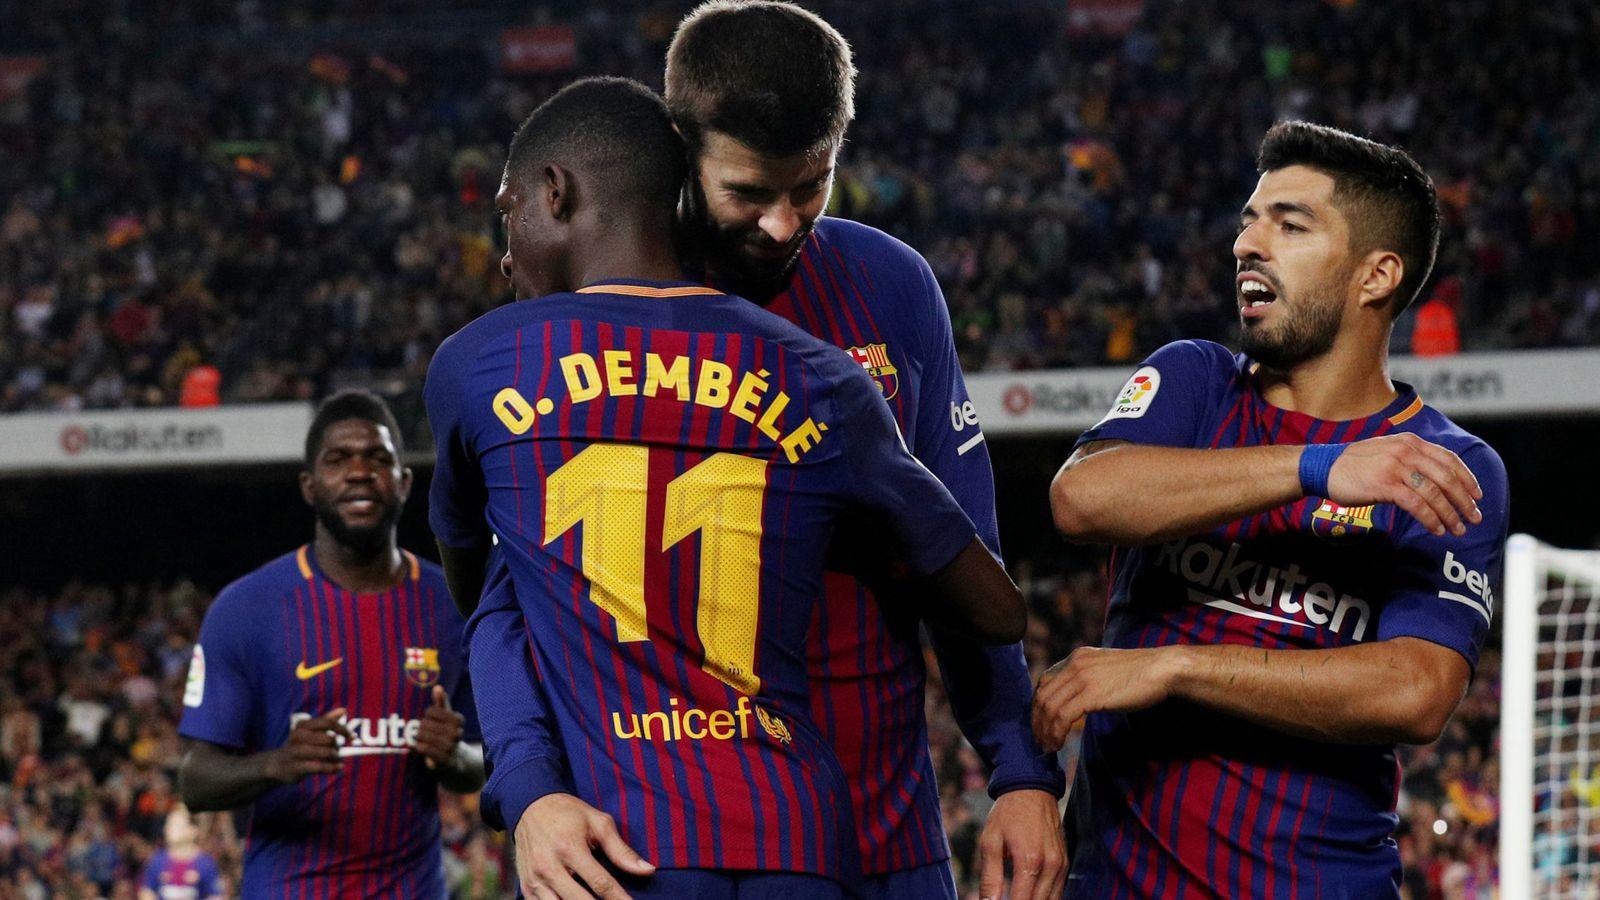 Foto: Piqué, Dembélé y Luis Suárez celebran un gol del FC Barcelona ante el Espanyol   Reuters